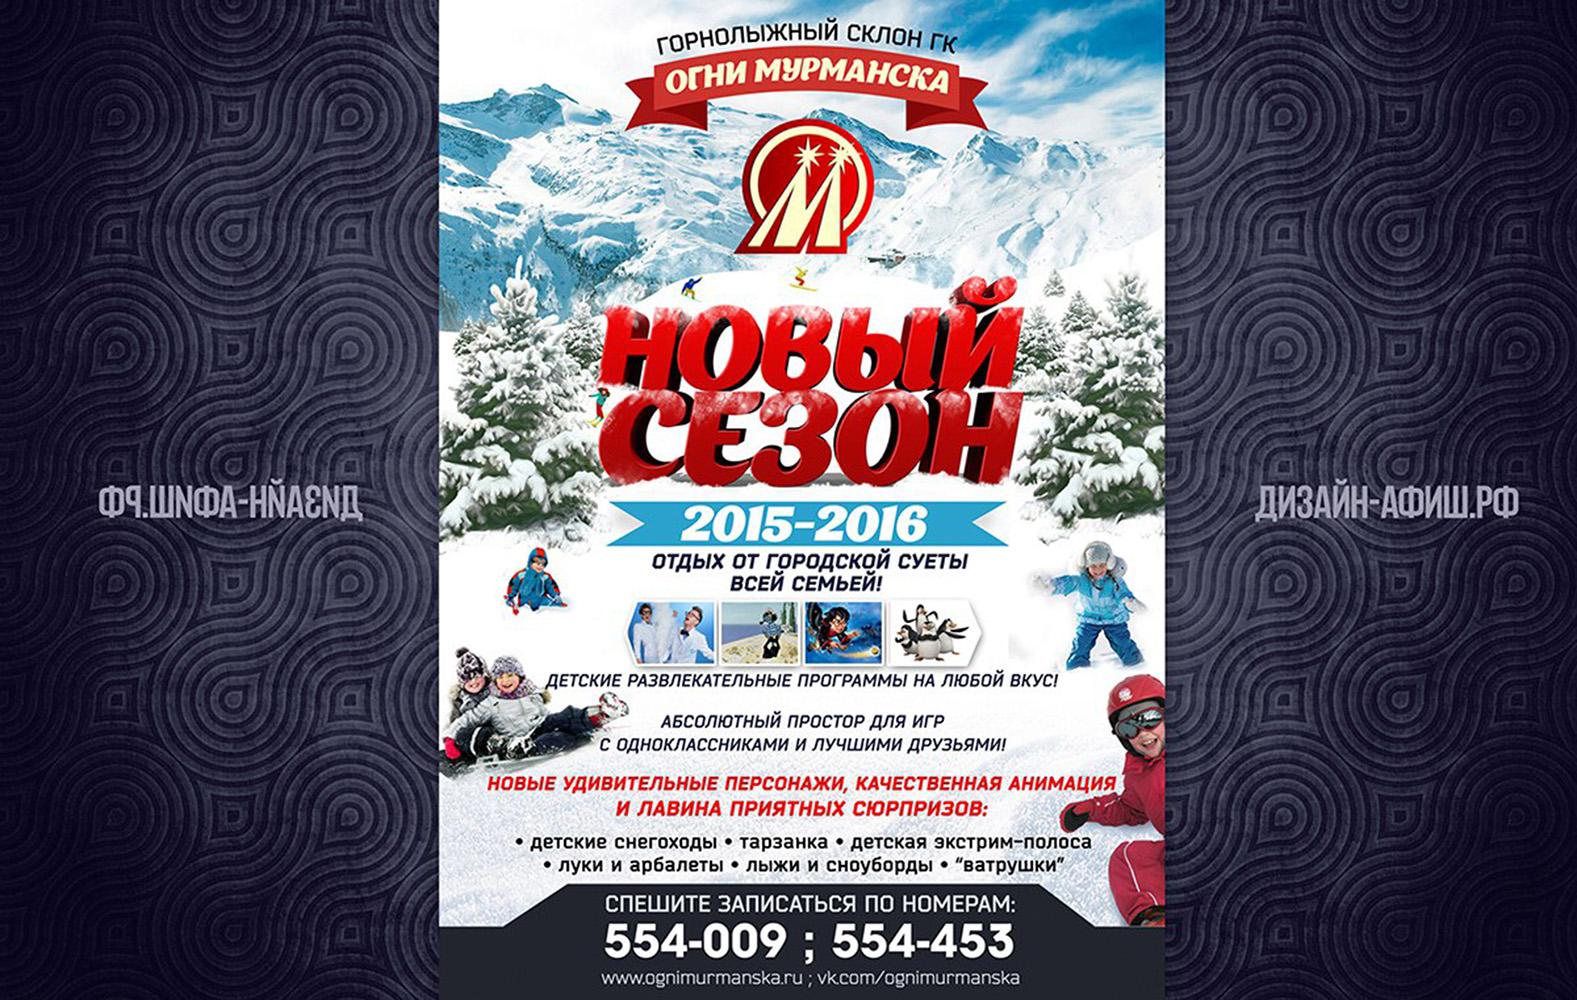 Дизайн афиши для горнолыжного курорта